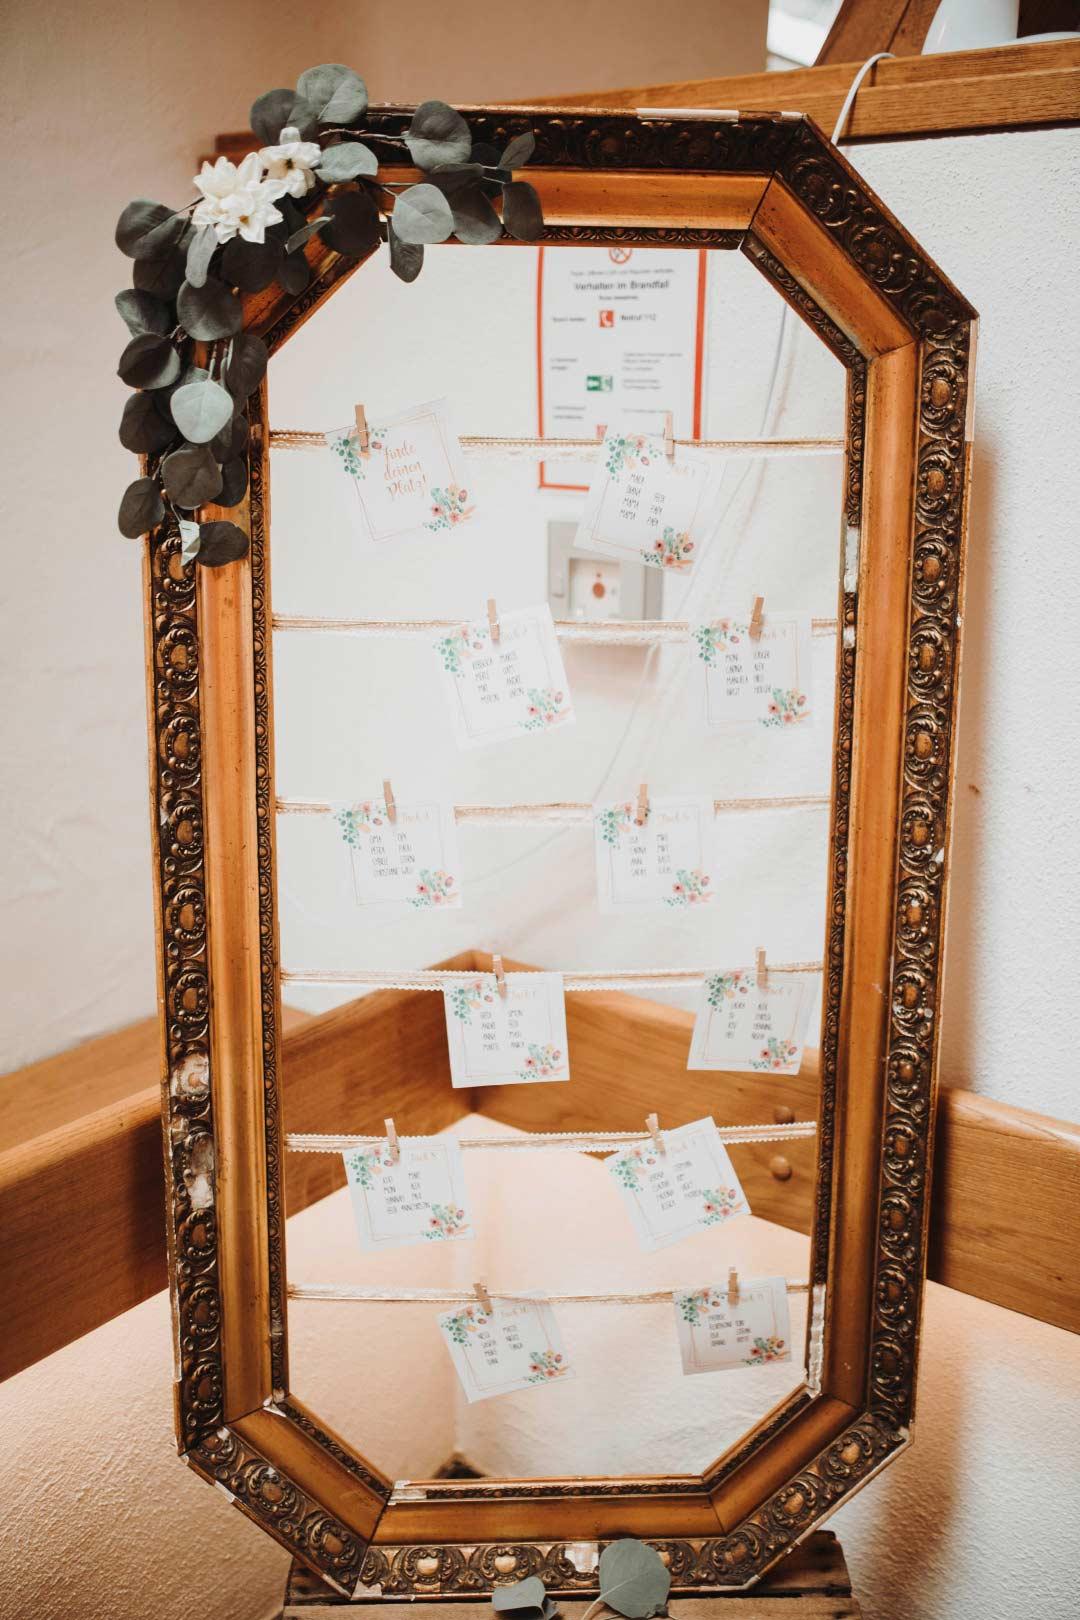 Sitzplan zur Hochzeit aus einem alten Bilderrahmen